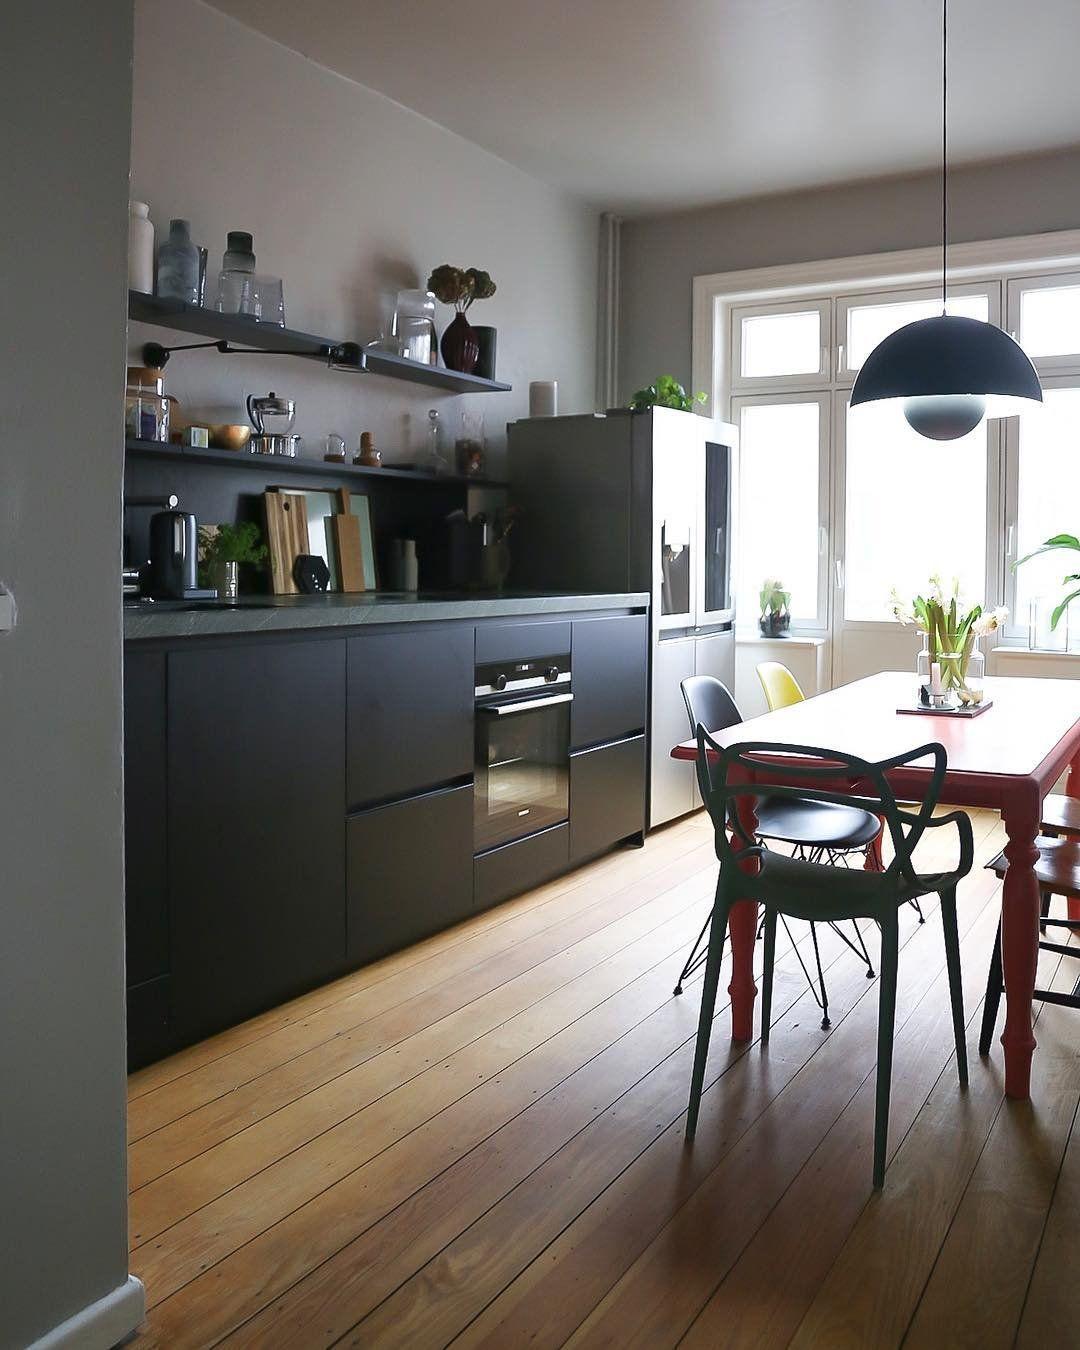 Zuhause Einrichten: Bar Zuhause Einrichten